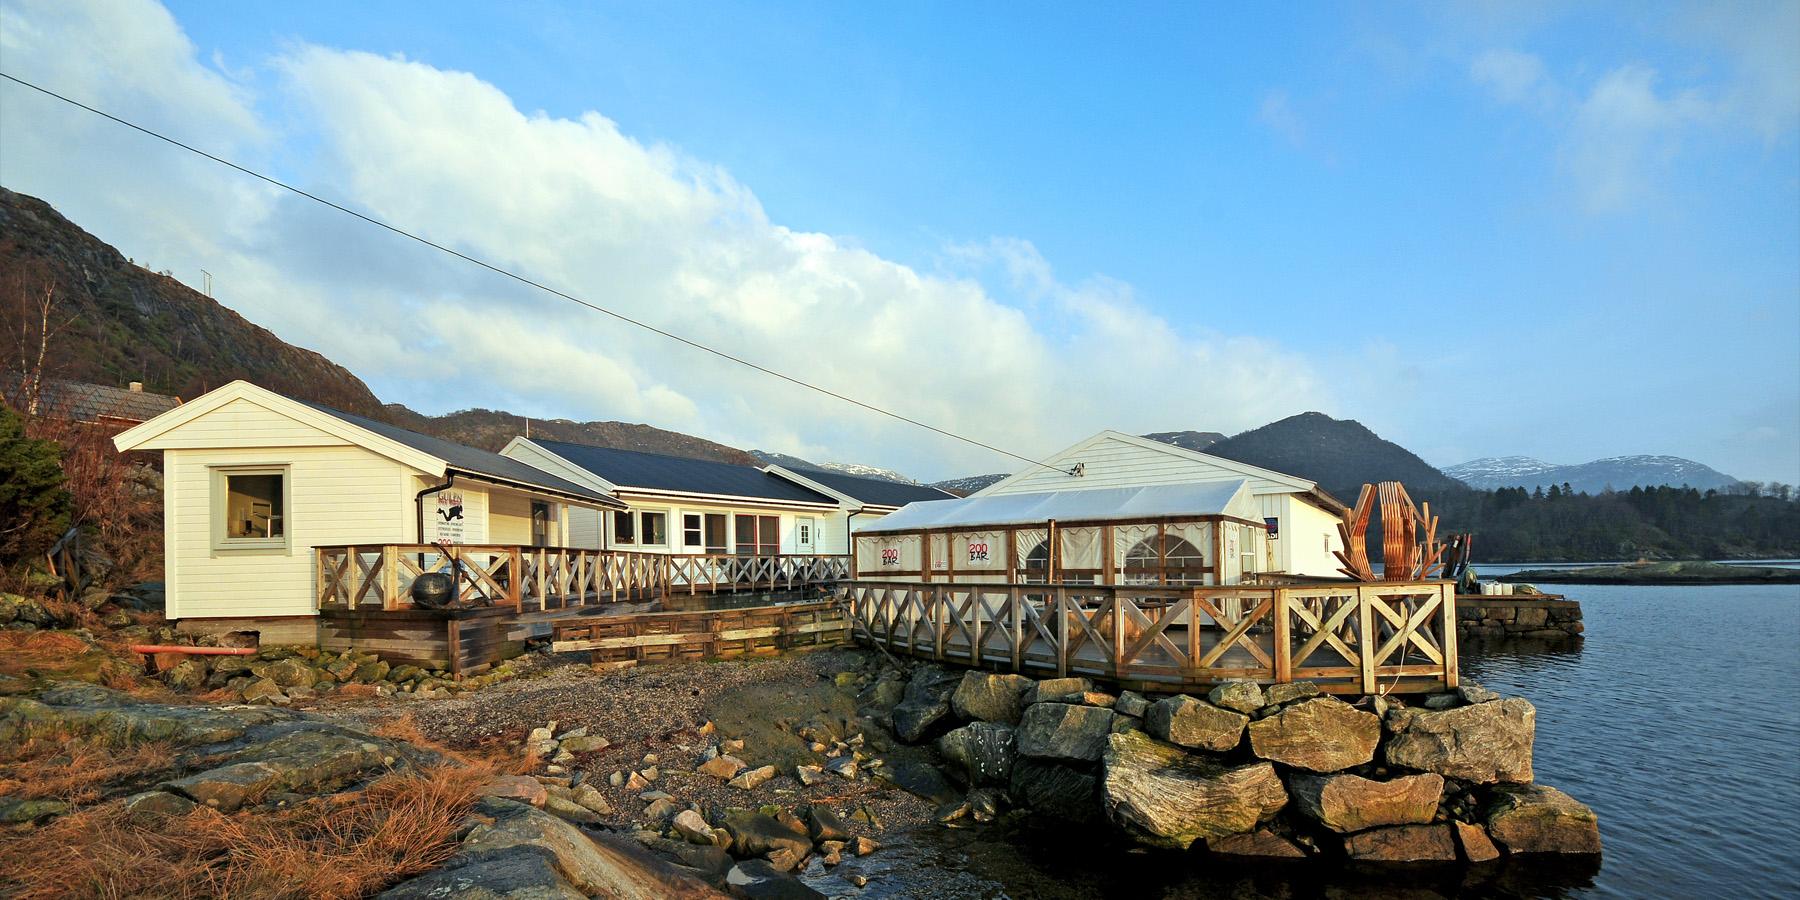 gulen plongee - Étonnantes plongées dans les fjords norvégiens !